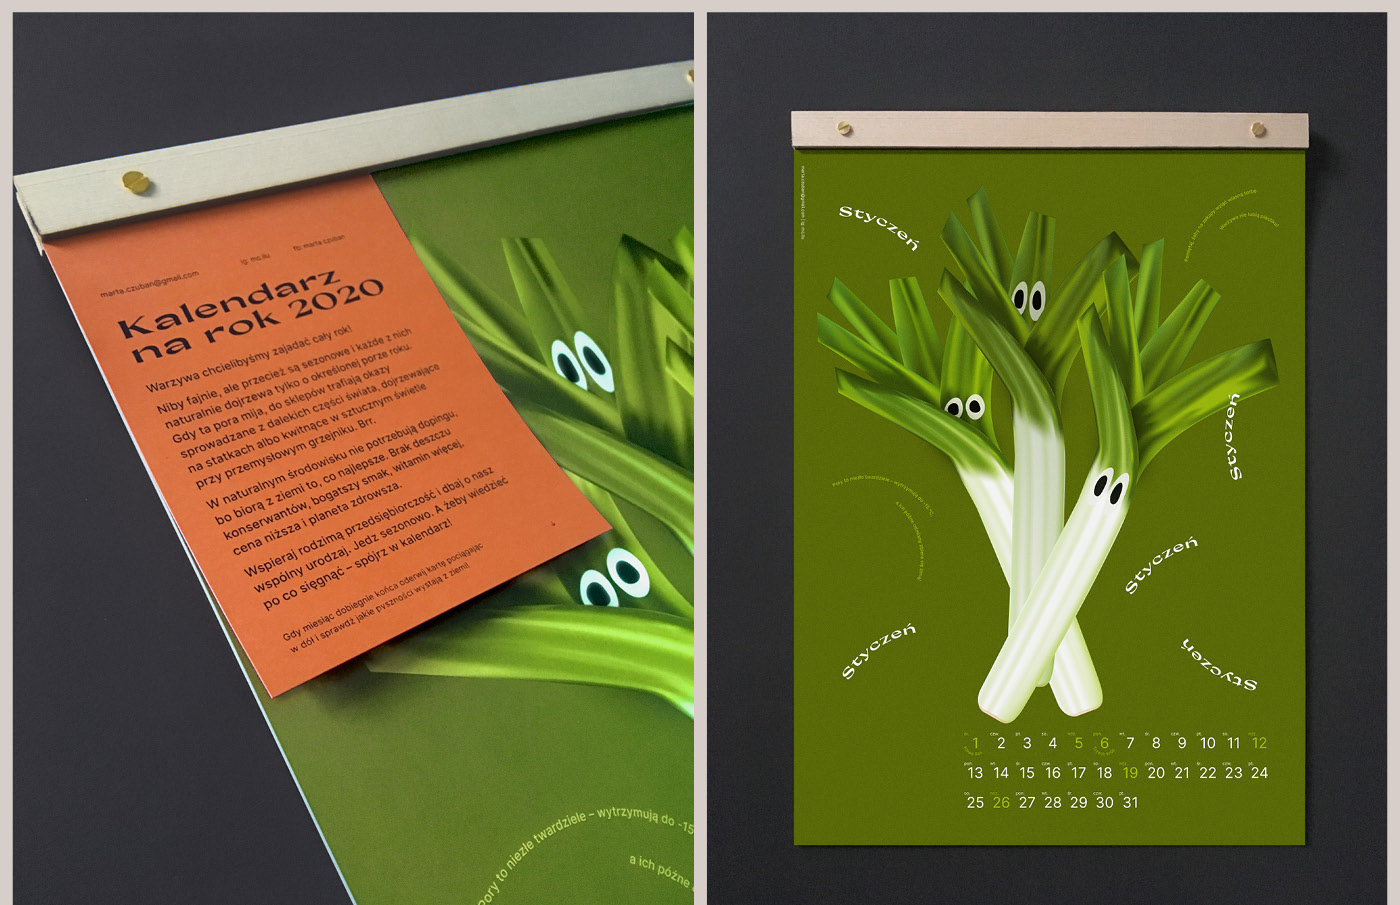 Image may contain: book and screenshot